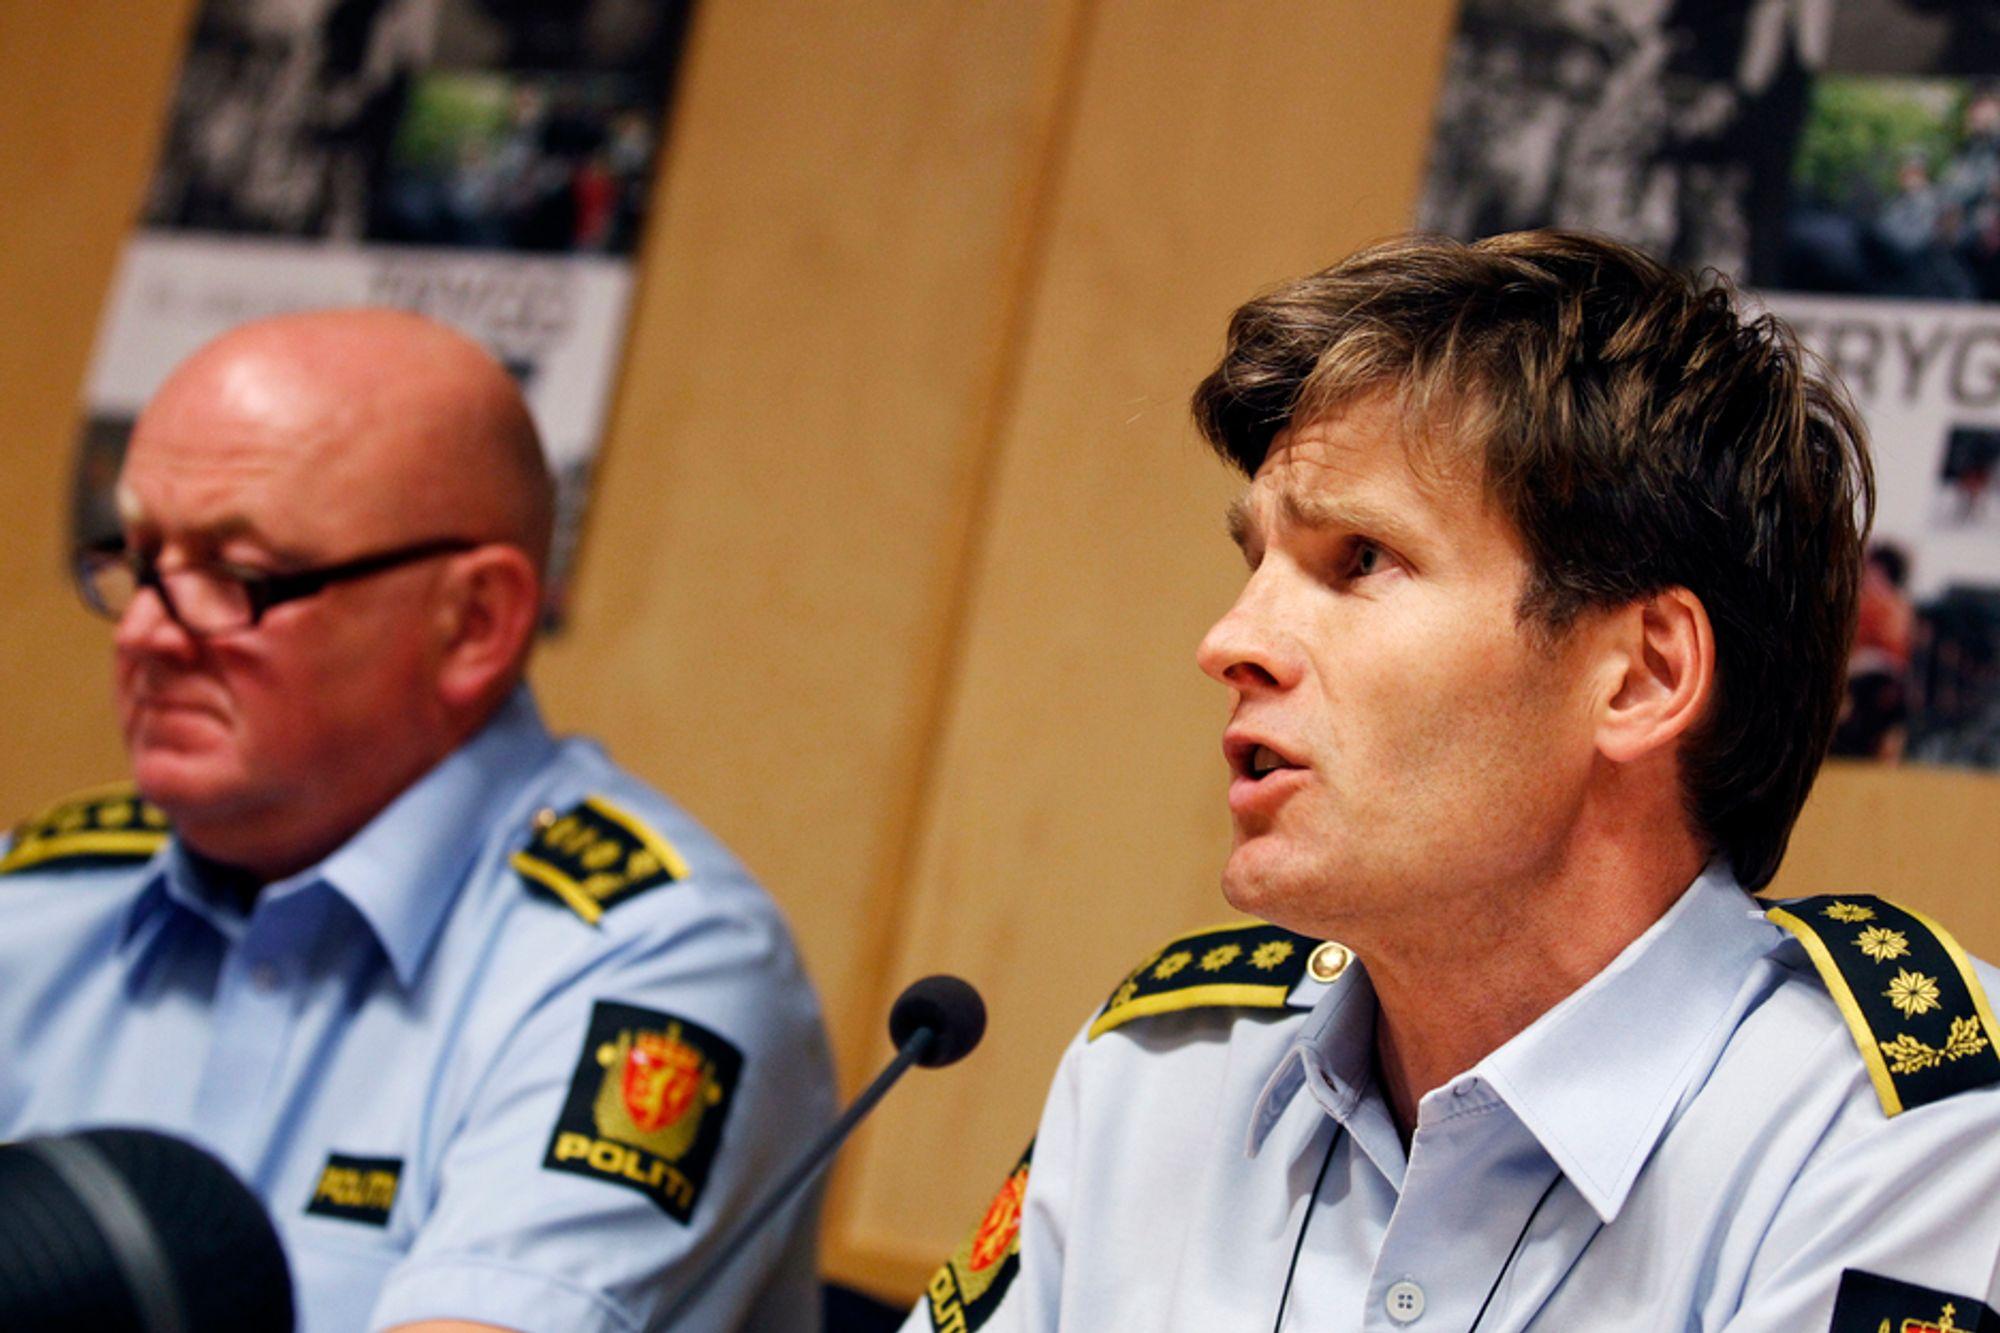 Stabssjef Johan Fredriksen (t.v.) og politiadvokat Pål-Fredrik Hjort Kraby under en av Oslo-politiets pressekonferanser om terrorsaken. Politiet vil ikke kommentere om de har mottatt materiale fra hackere.